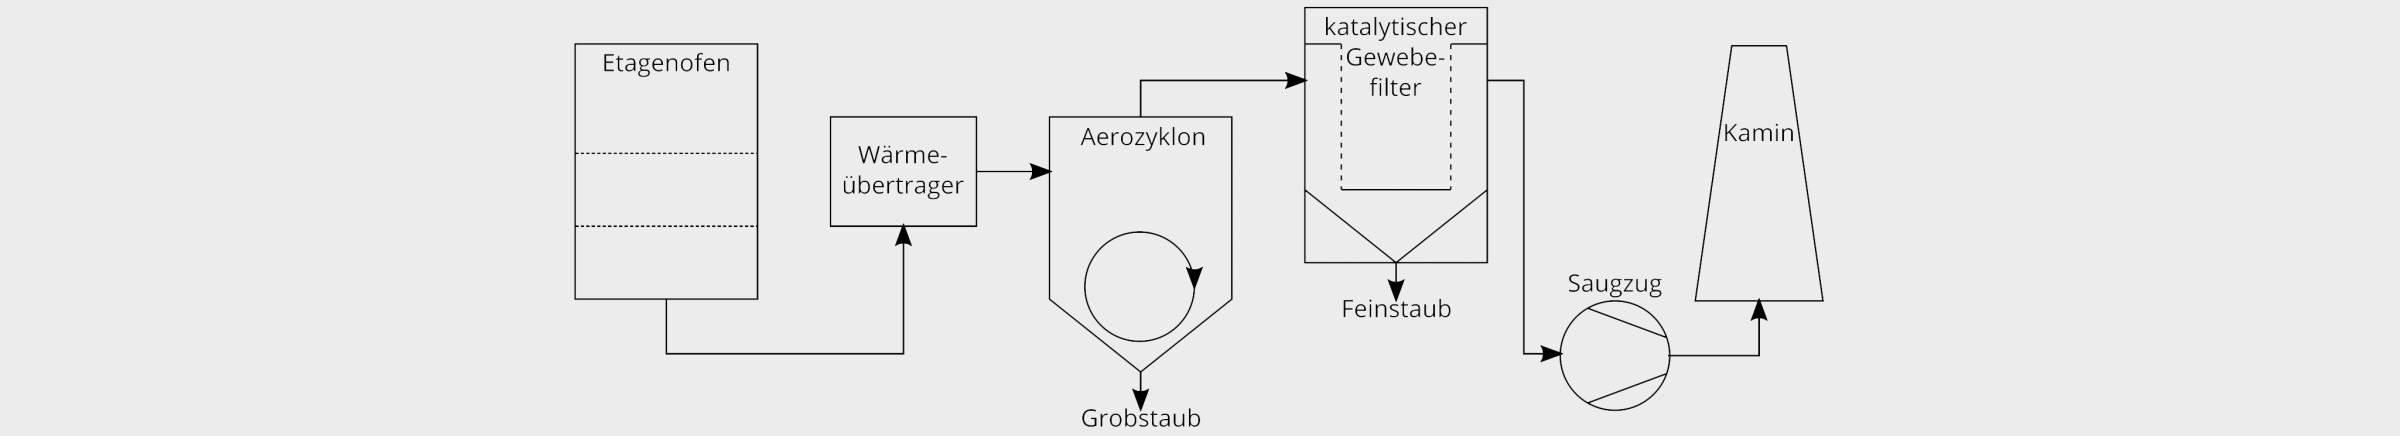 Bild 2. Verfahrensschema eines Krematoriums mit katalytischen Filterschläuchen. Bild: Technische Universität Dresden